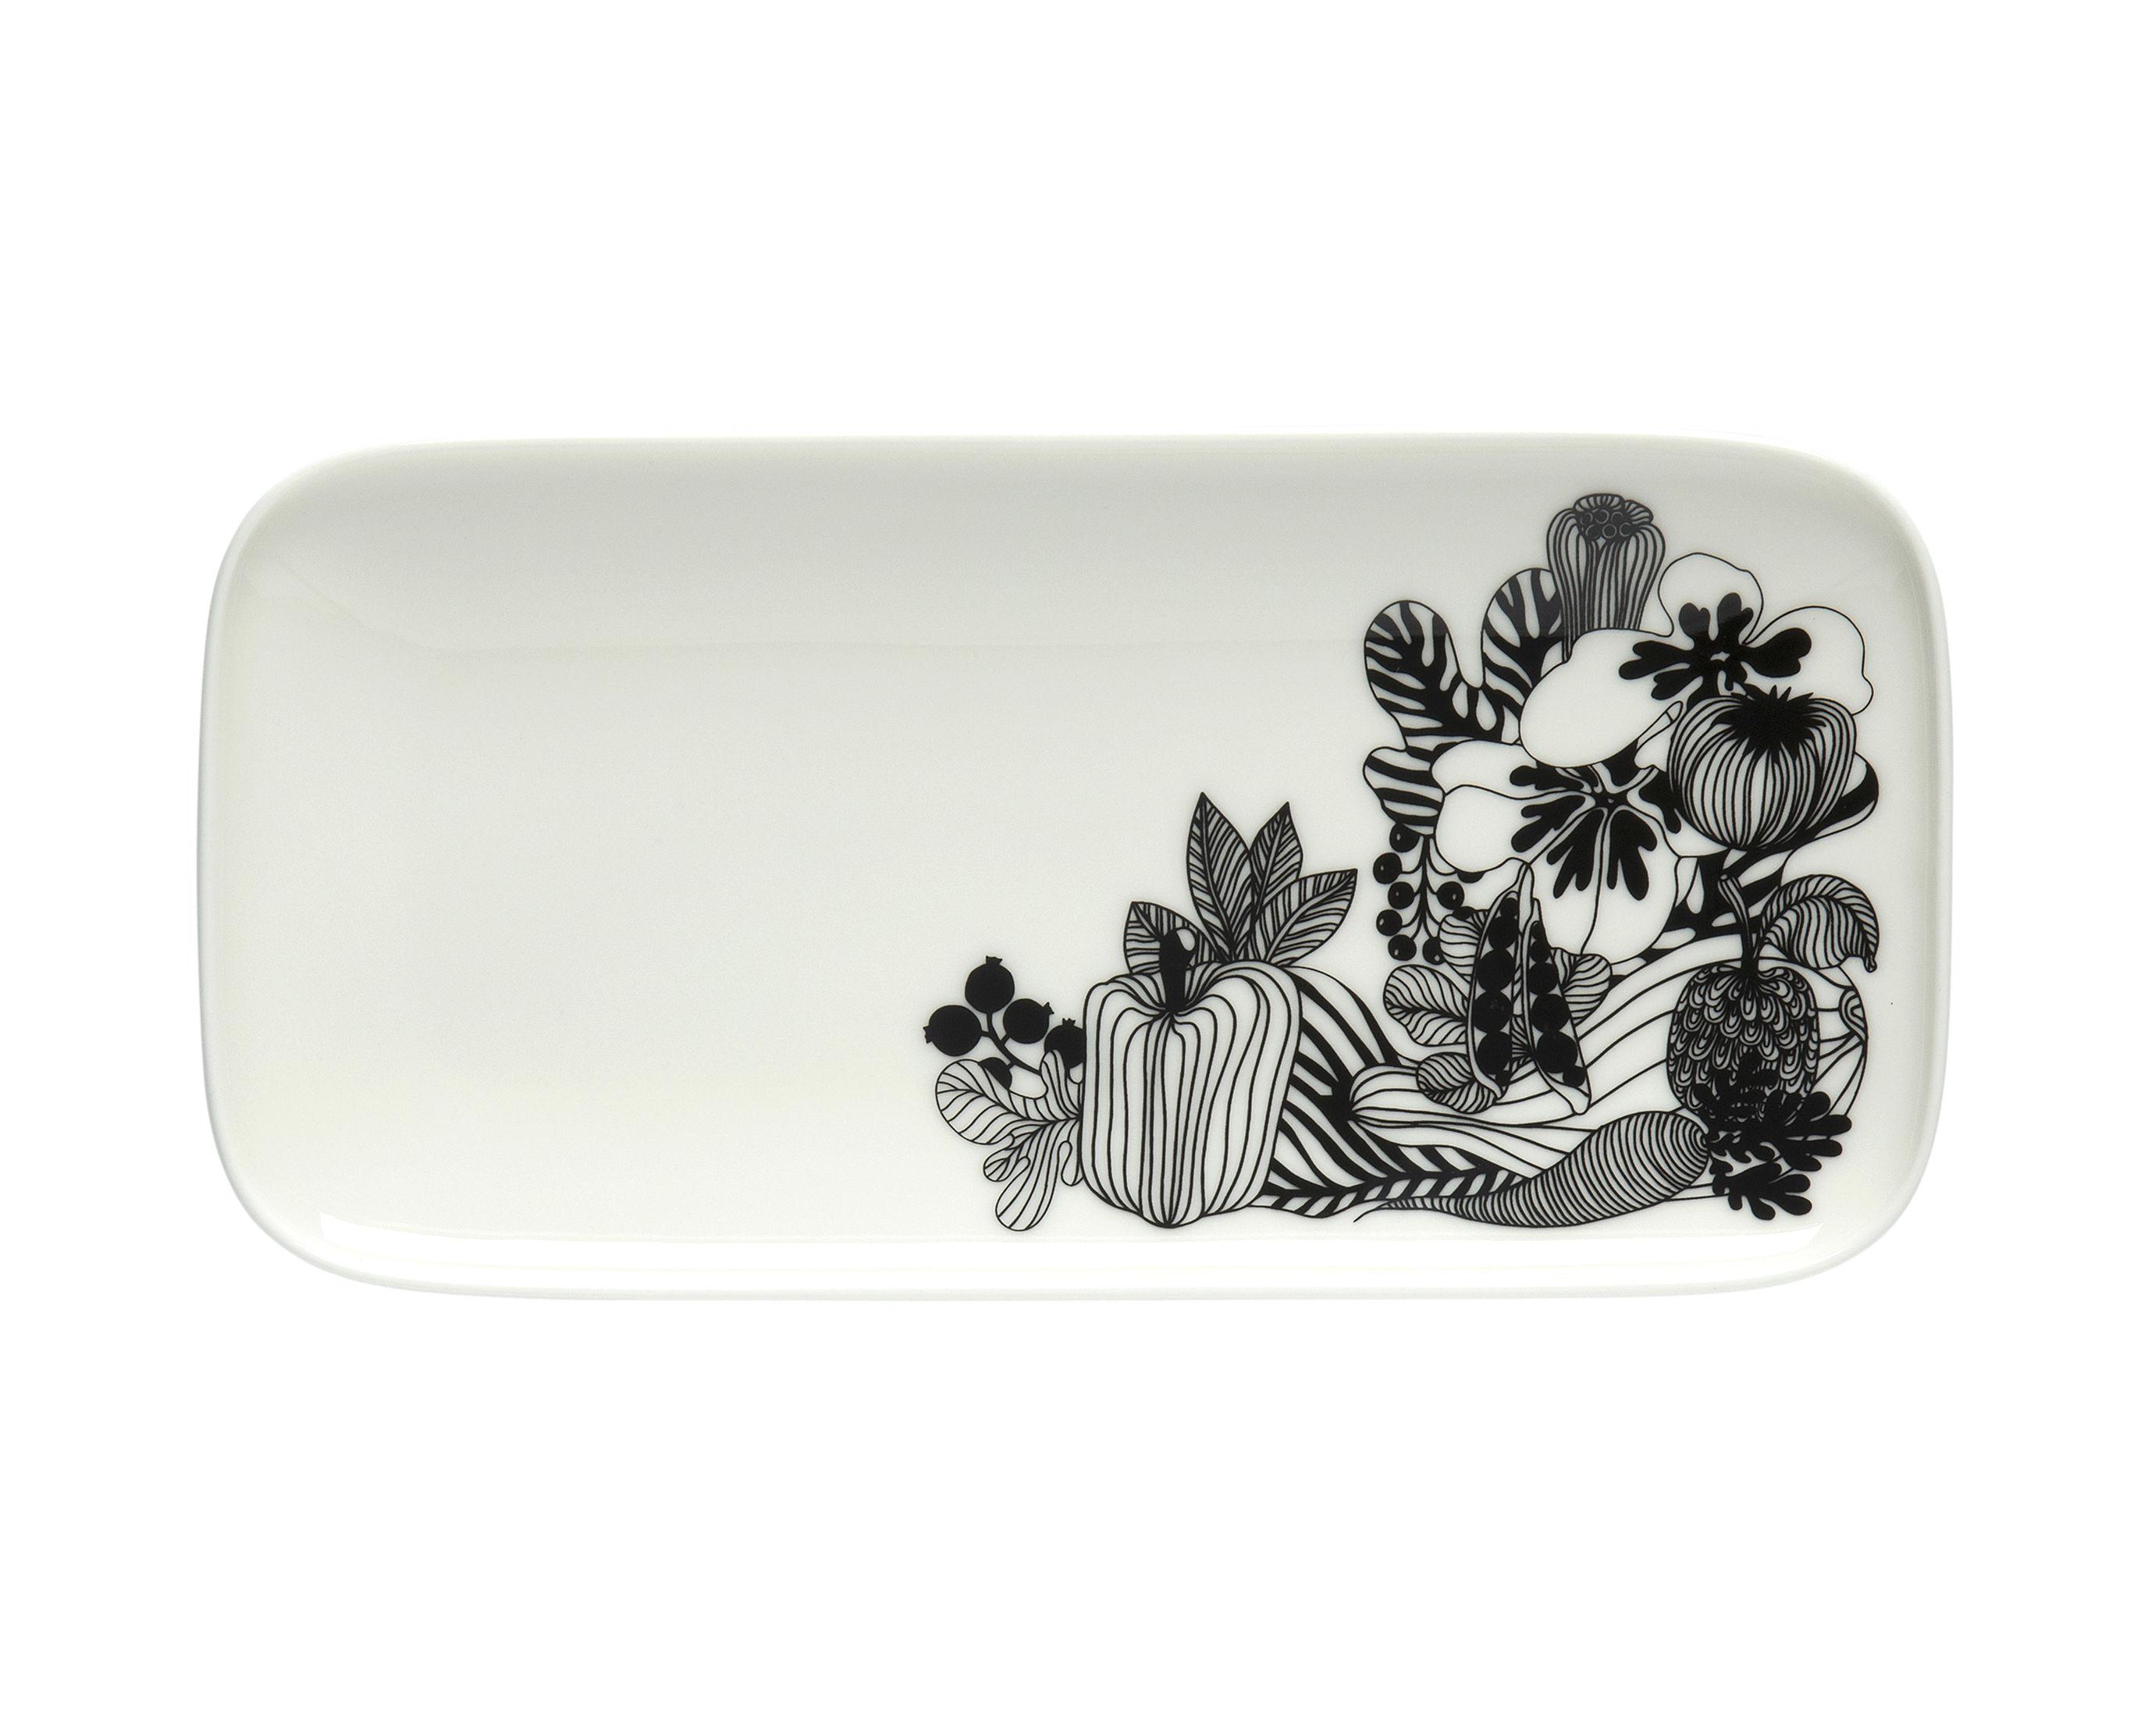 Tableware - Plates - Siirtolapuutarha Plate - / 12 x 24.5 cm by Marimekko - Siirtolapuutarha / Black & white - Sandstone